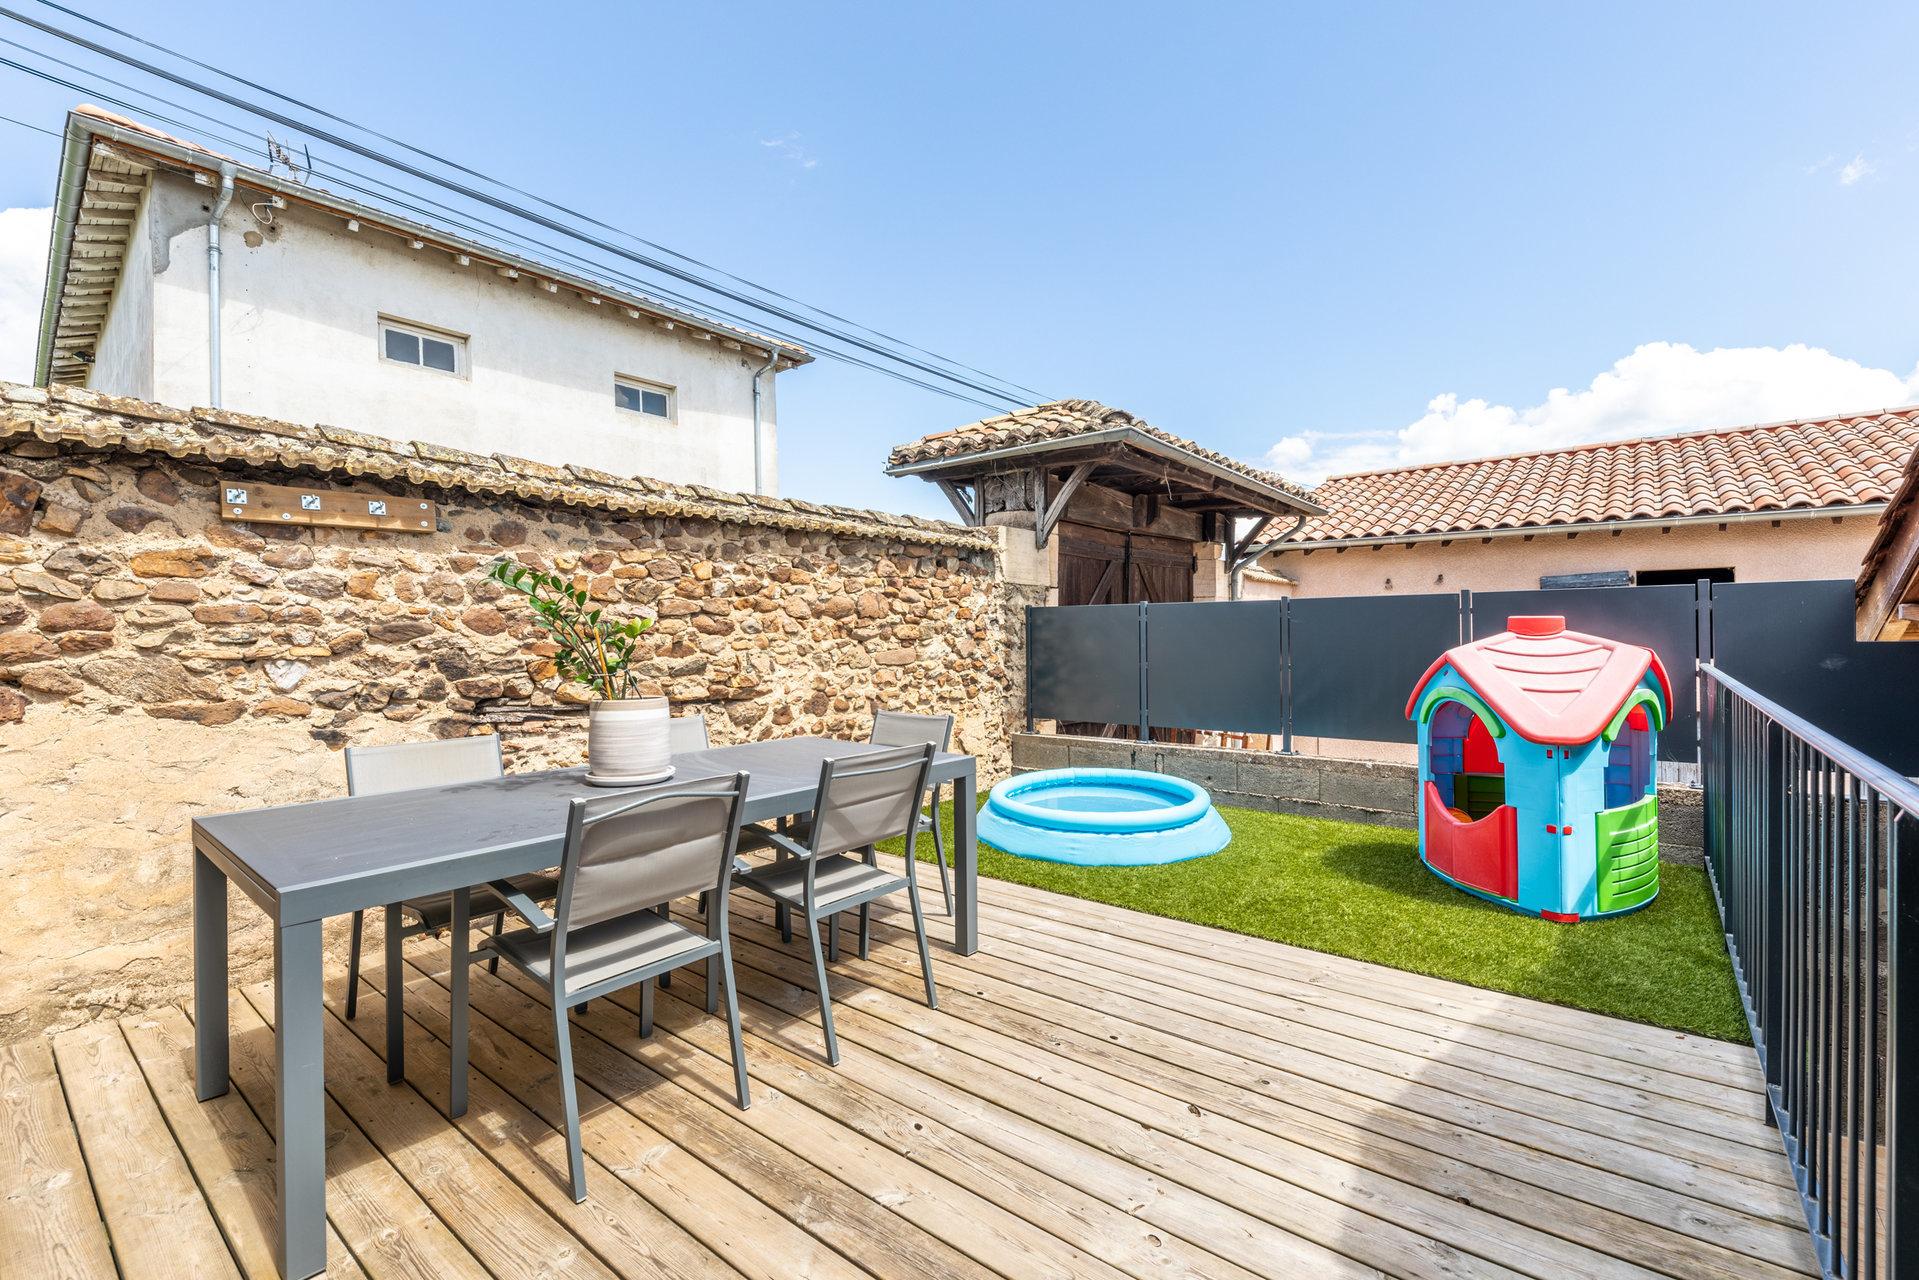 Maison de village avec cour, terrasse, et dépendances